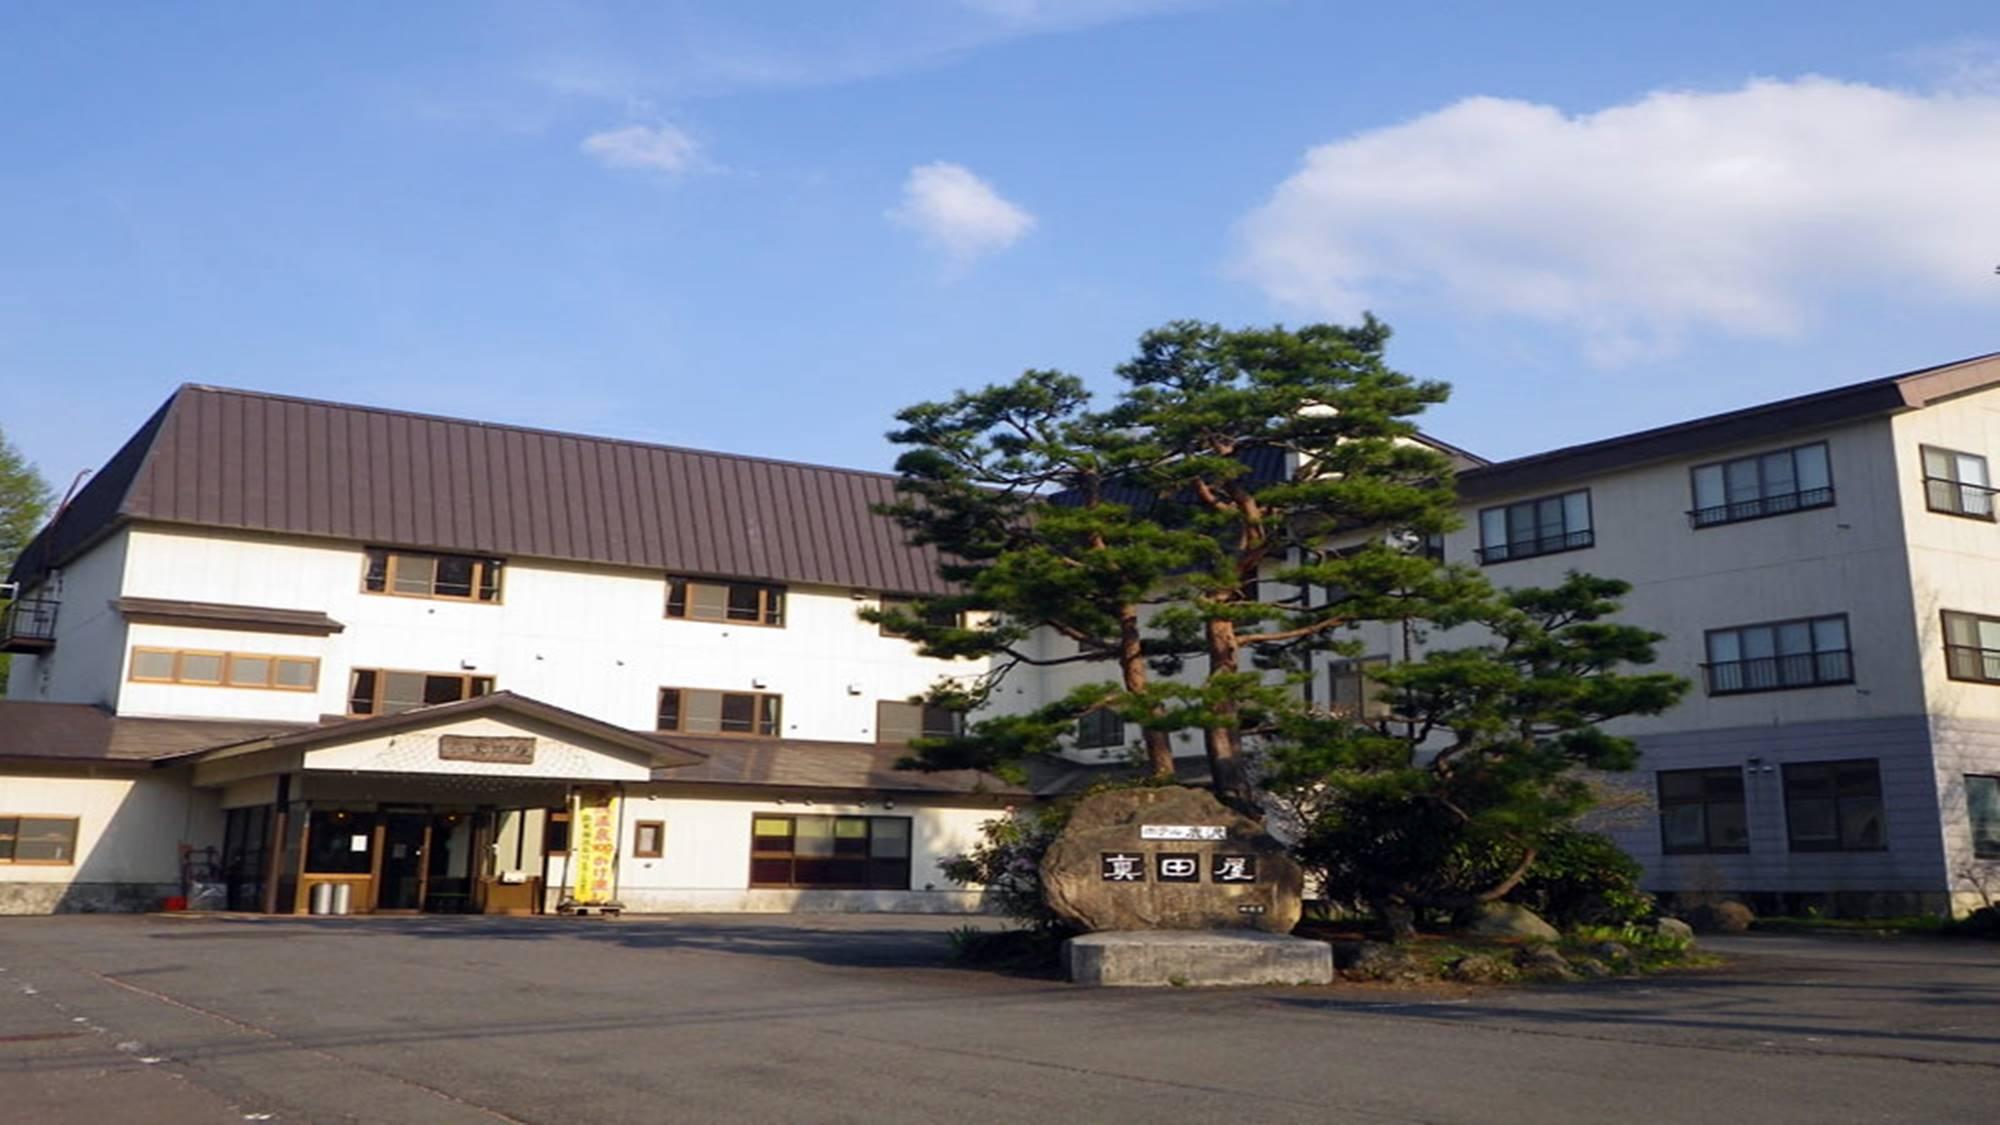 ホテル鹿沢 真田屋◆楽天トラベル